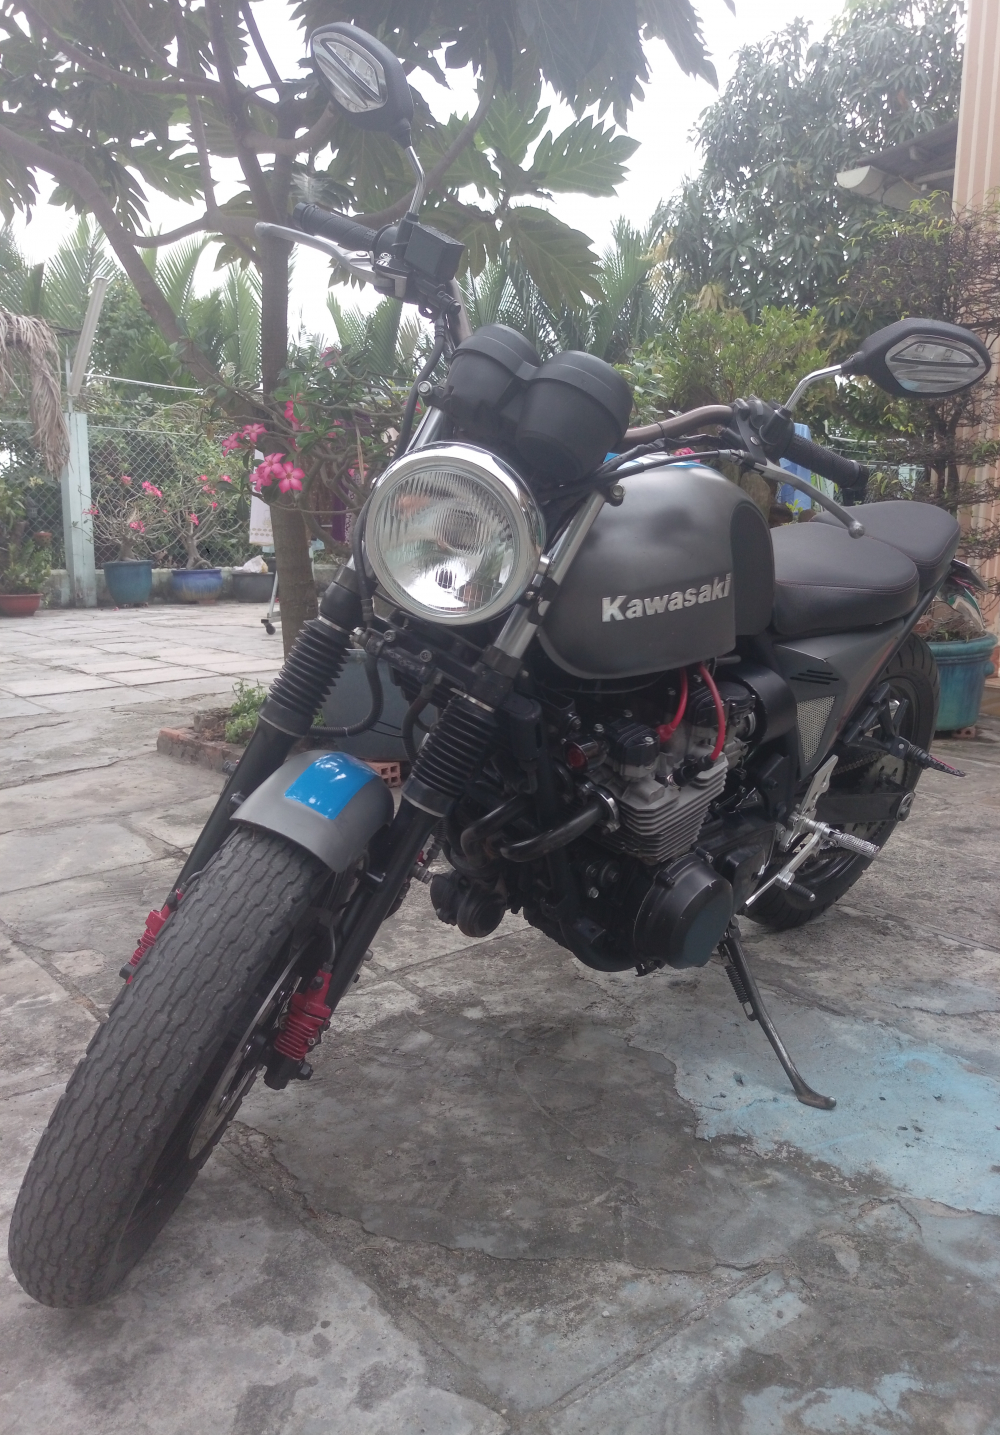 nha chat ban nhanh moto Kawasaki Z800 chinh chu trum men gia 110 trieu - 2